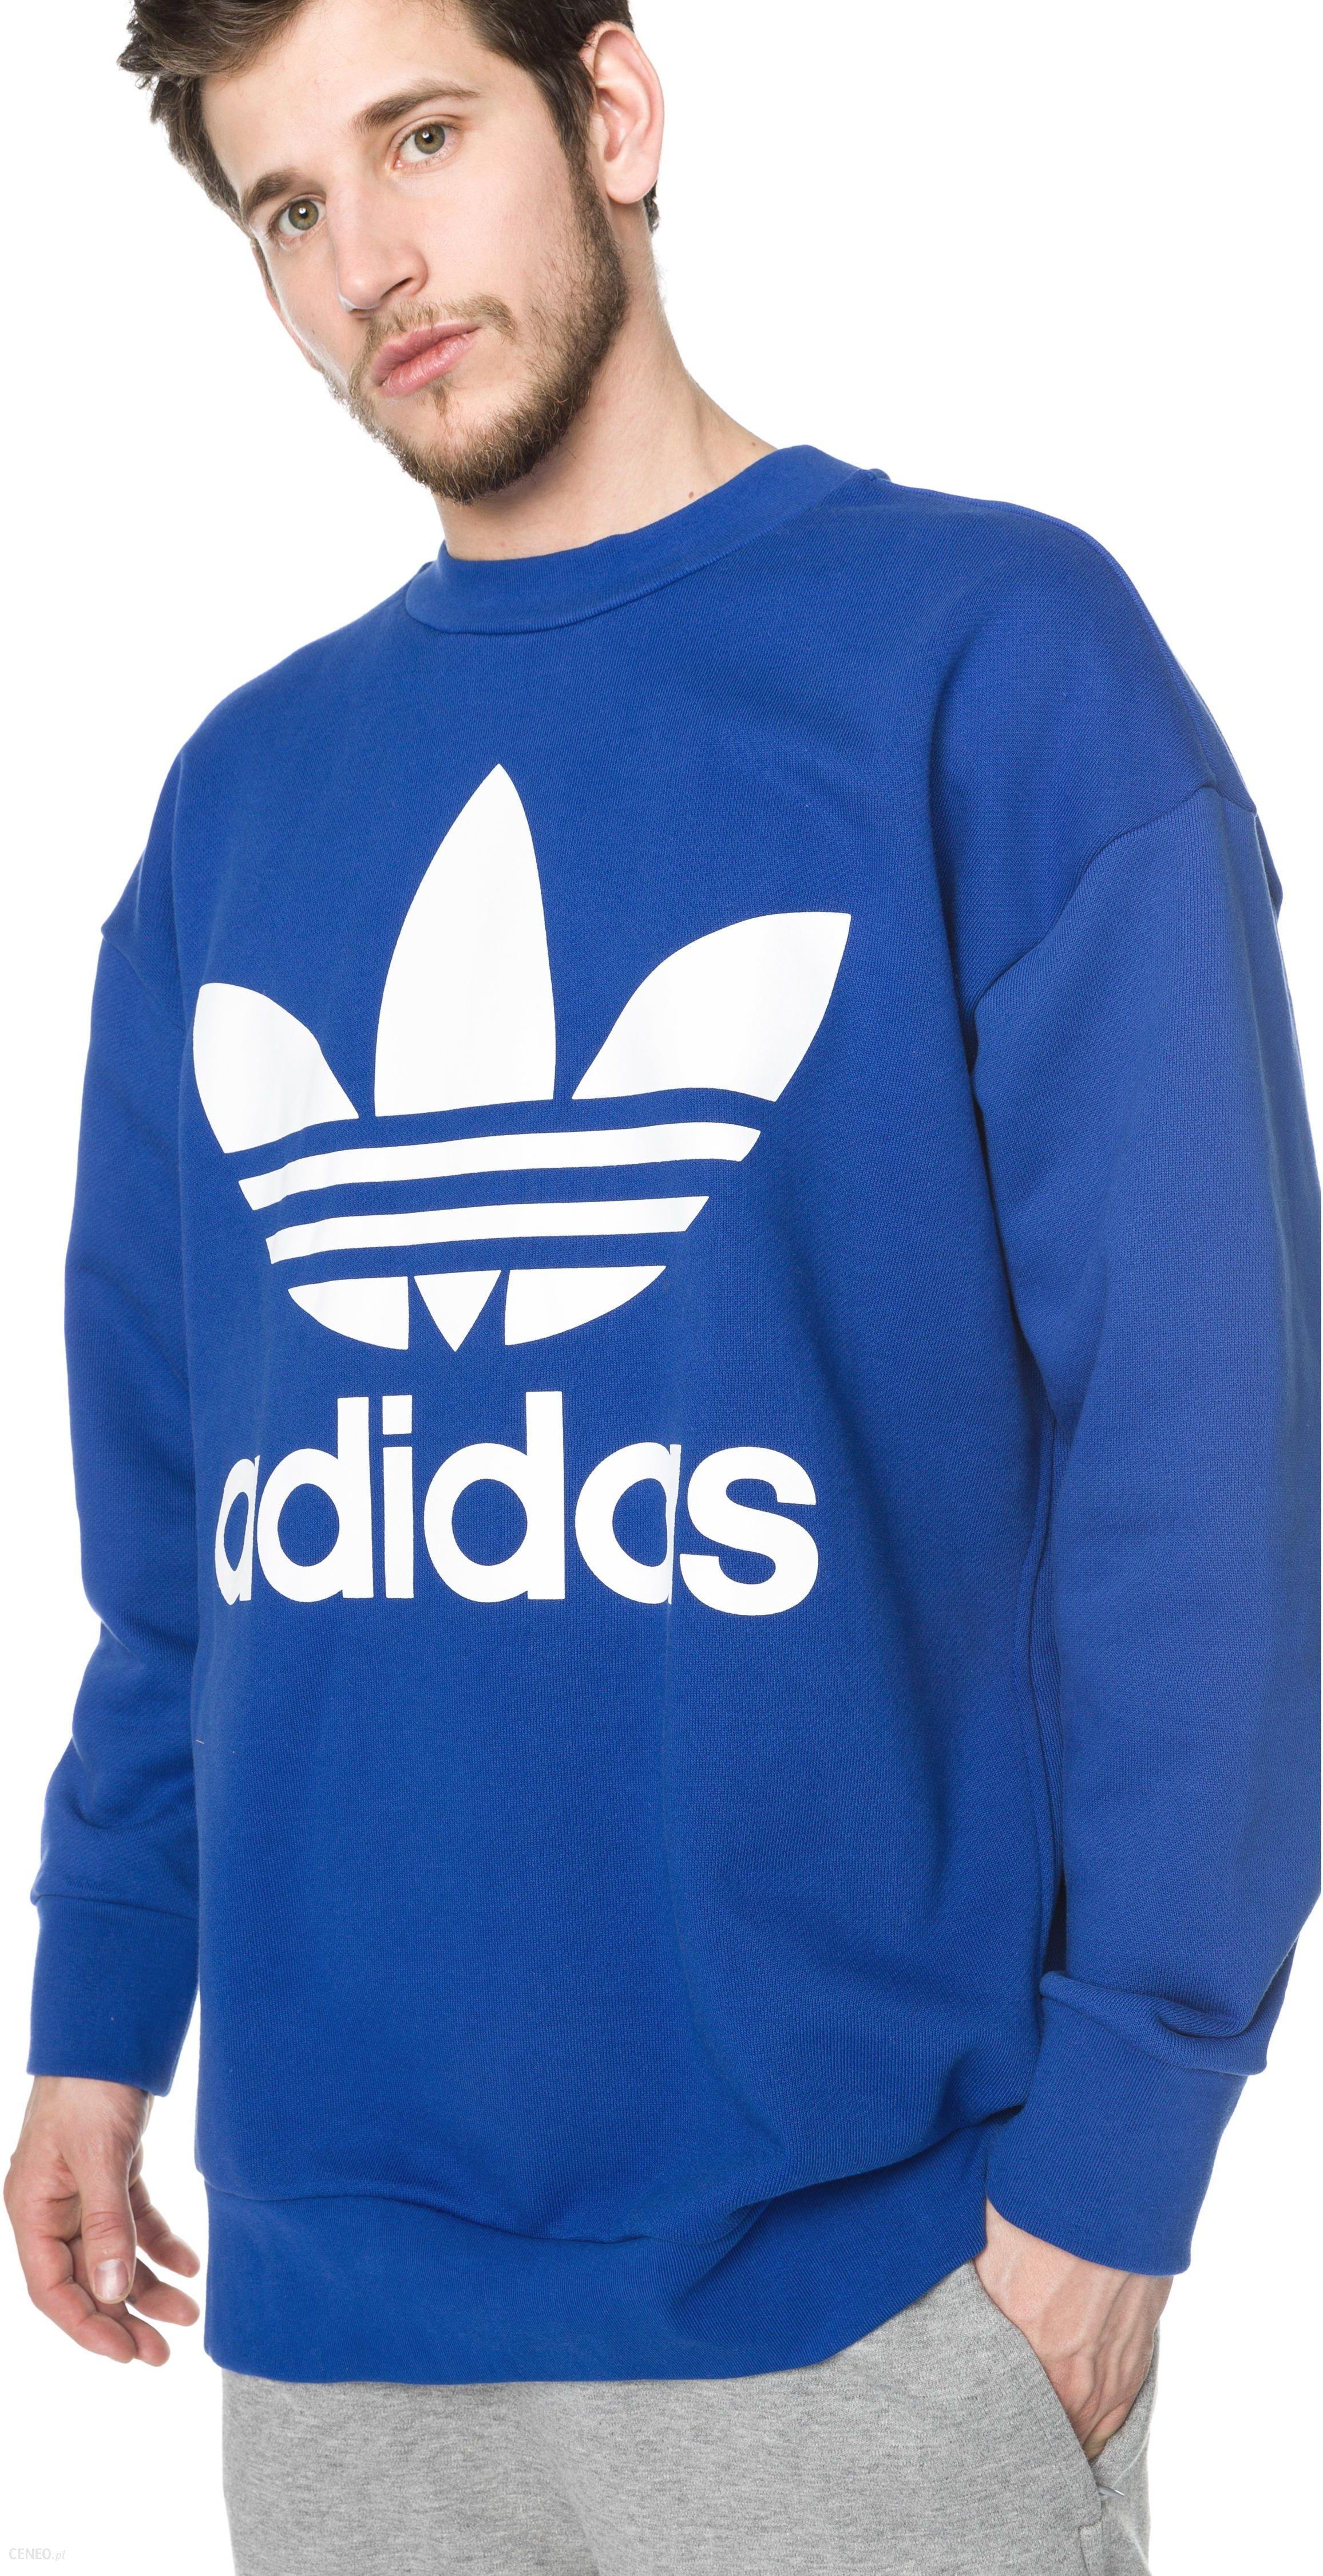 Adidas Originals Trefoil Bluza Niebieski L Ceny i opinie Ceneo.pl